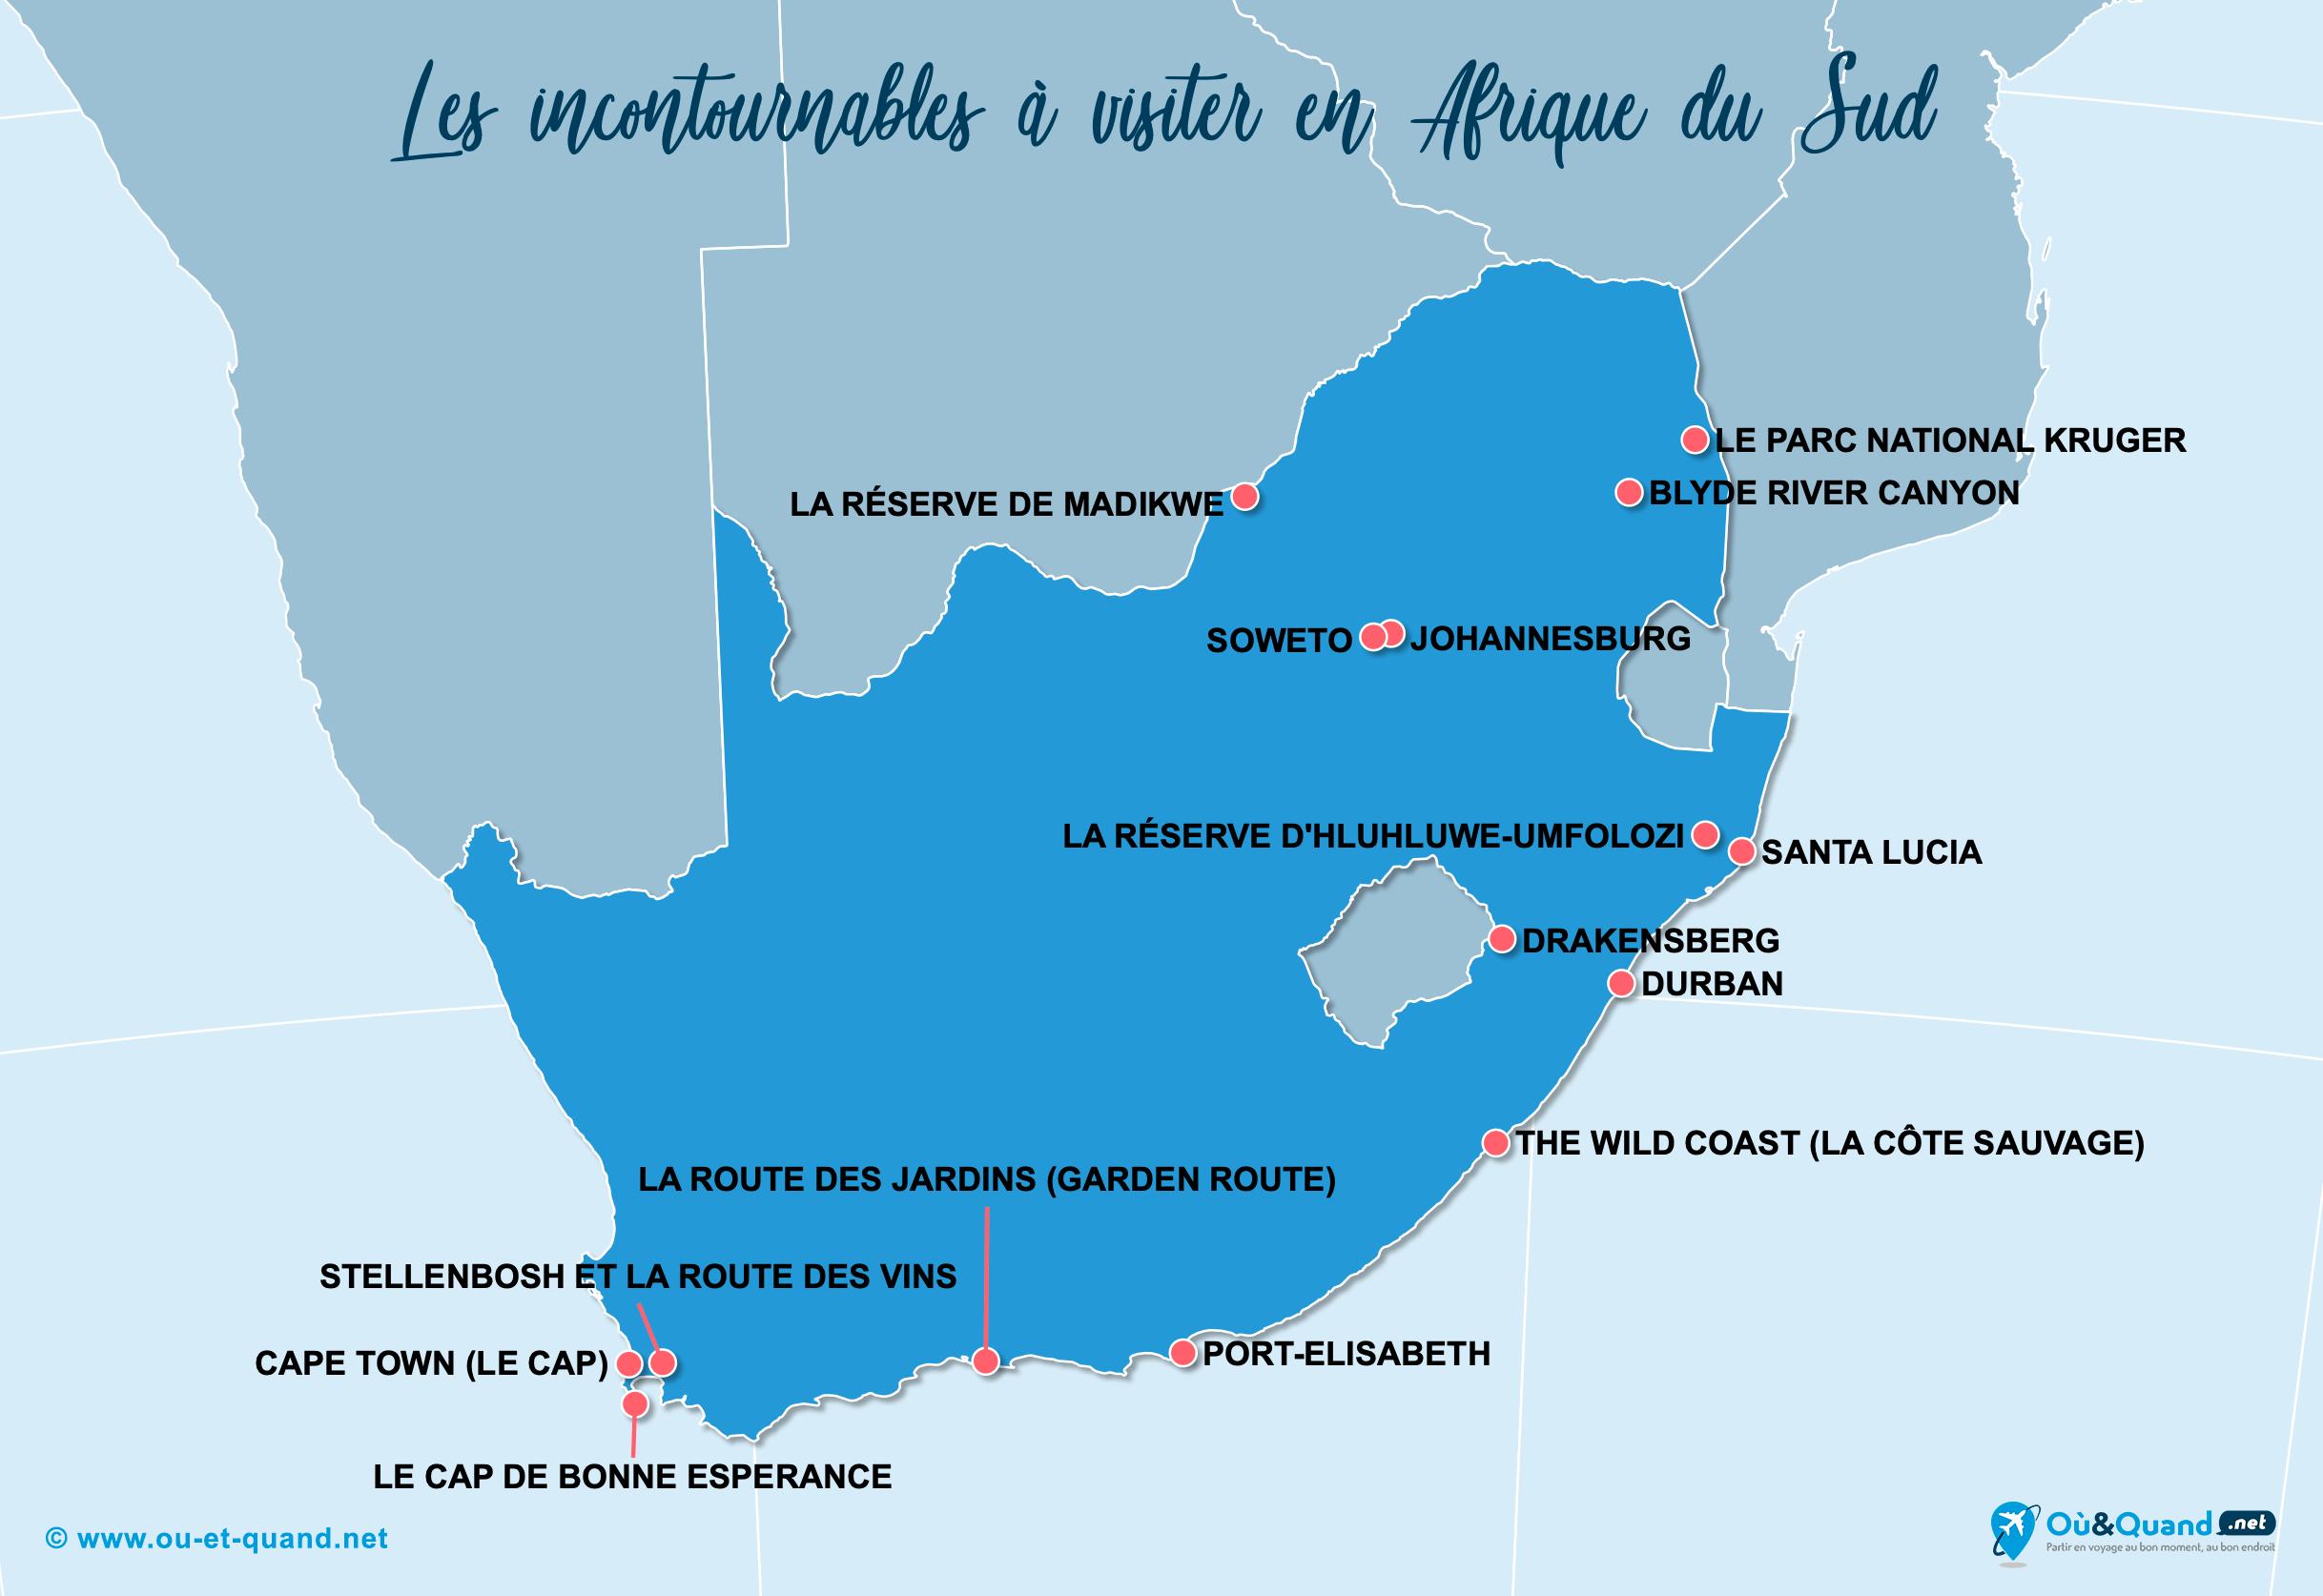 Carte Afrique du Sud : Les lieux incontournables en Afrique du Sud